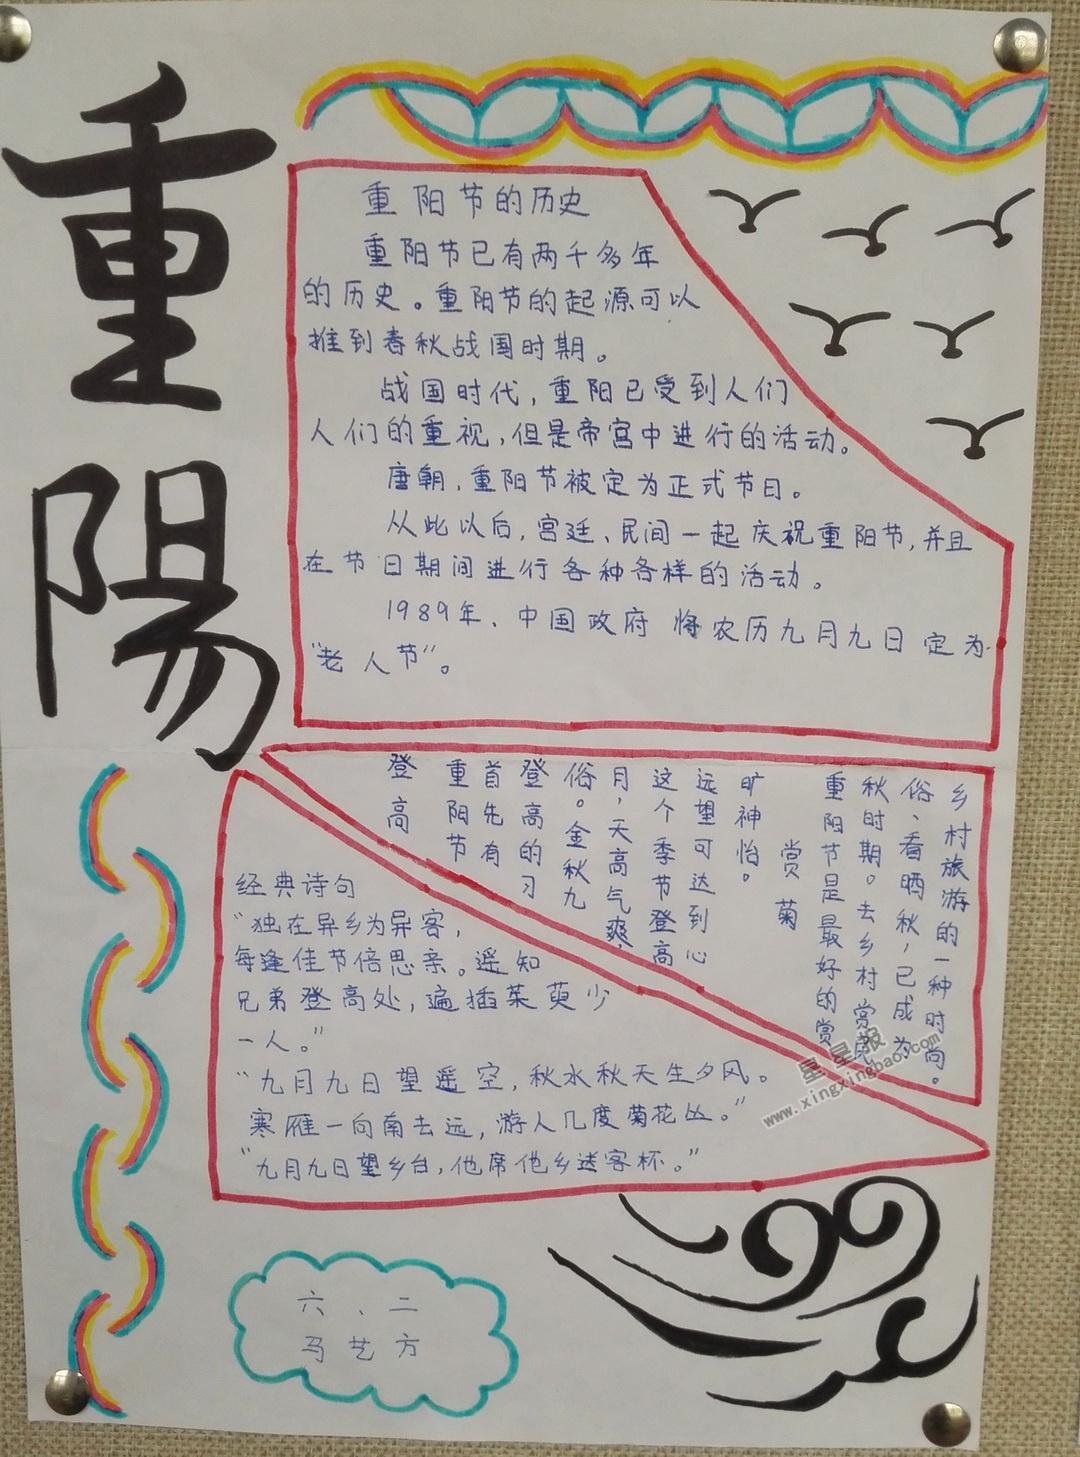 关于重阳节的手抄报图片:孝德感恩